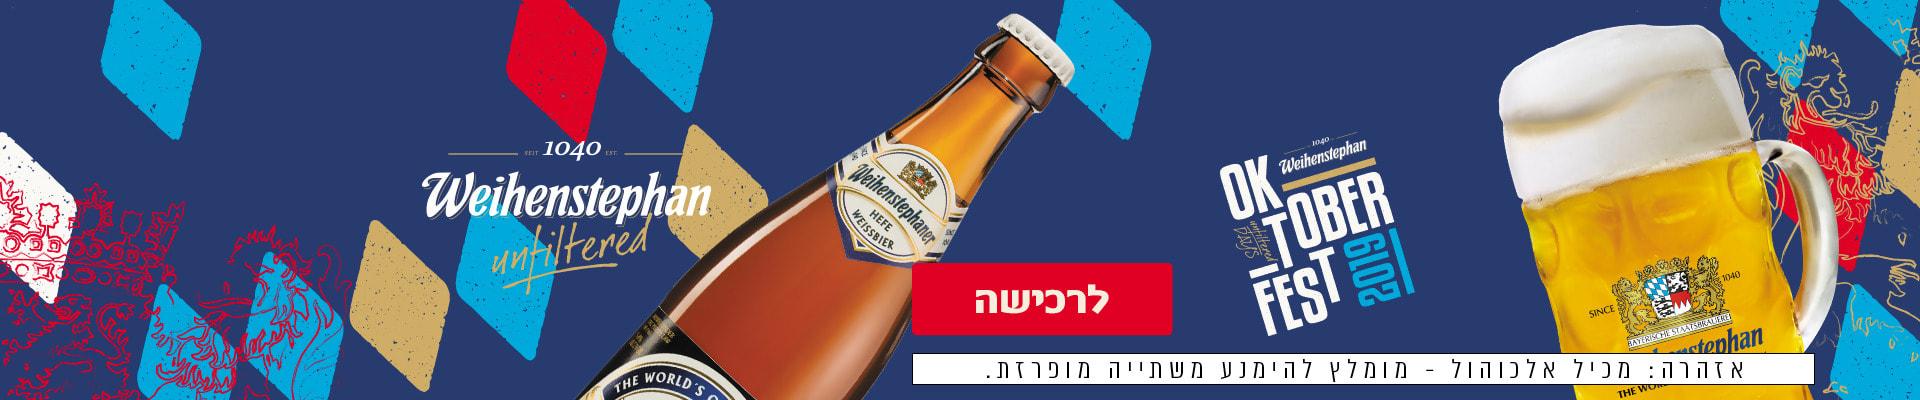 WEIHENSTEPHAN לרכישה. אזהרה: מכיל אלכוהול- מומלץ להימנע משתייה מופרזת.